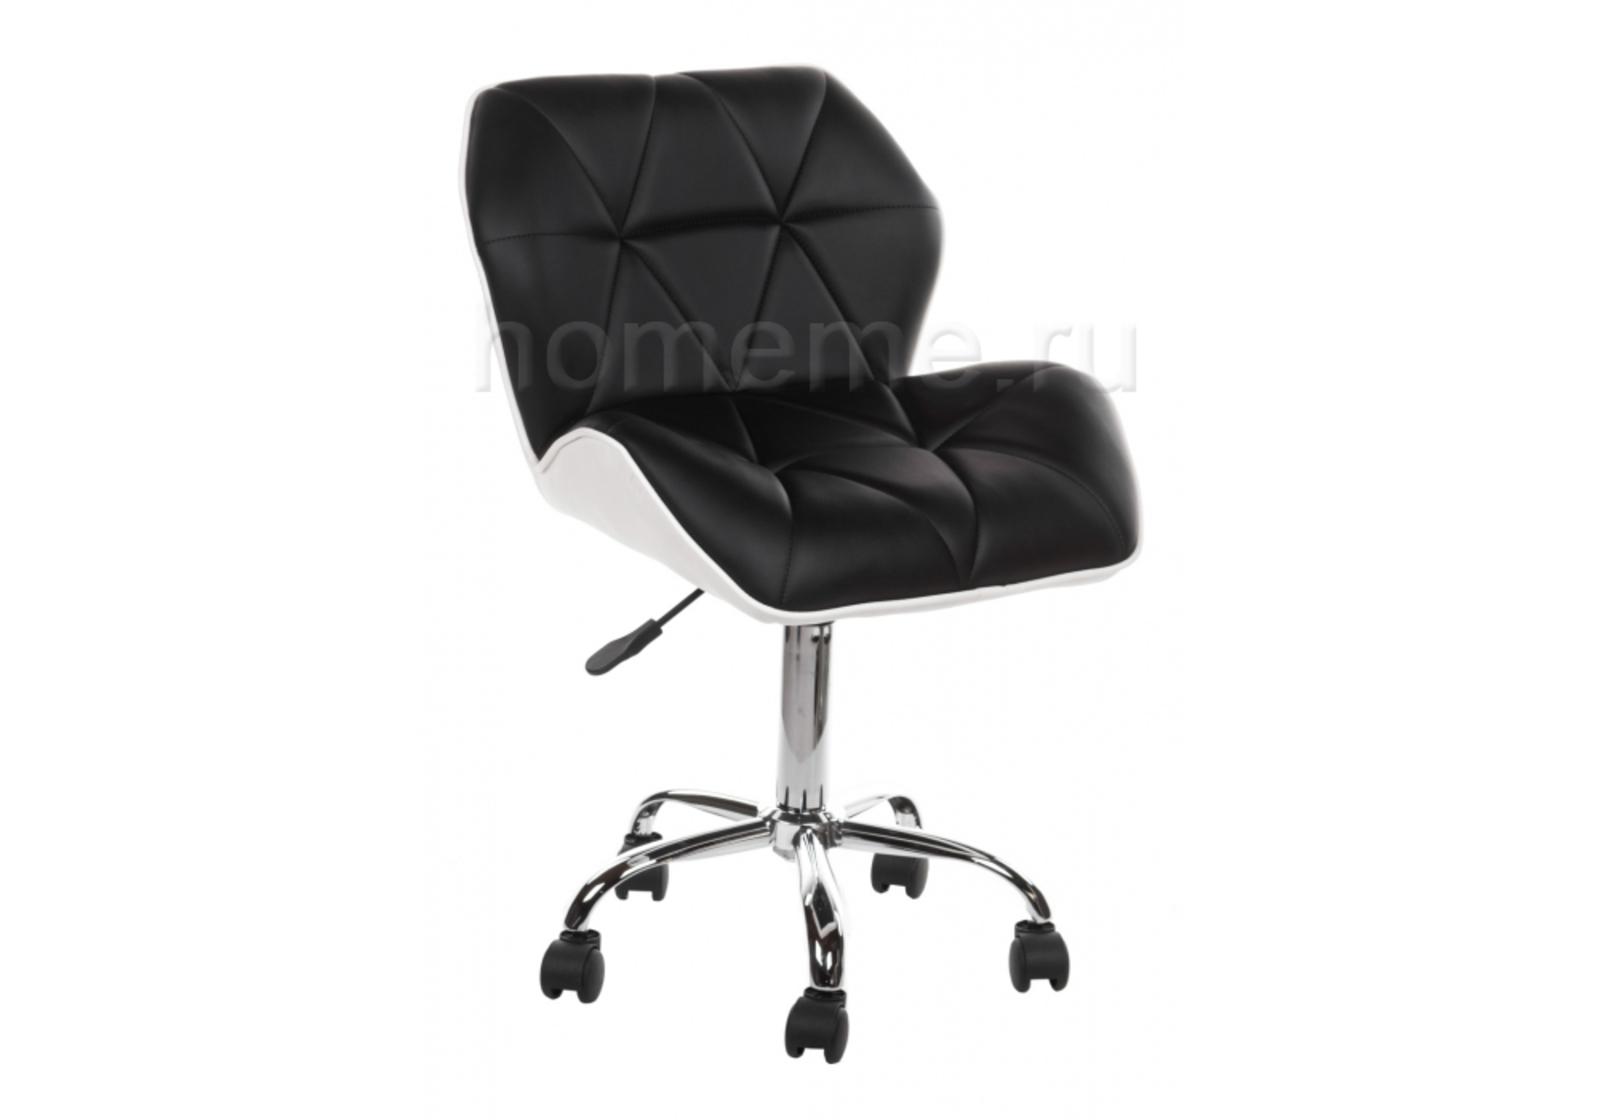 Кресло для офиса HomeMe Trizor черный / белый 1428 от Homeme.ru